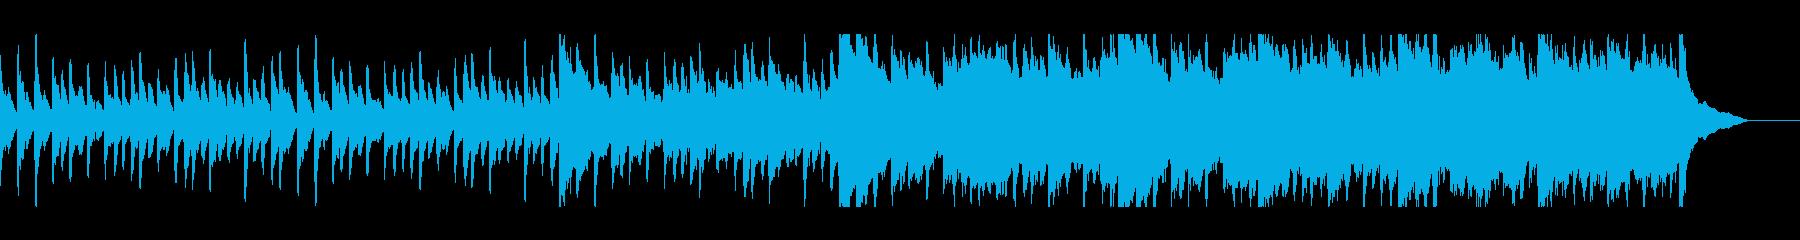 絶望/失望/苦痛:ピアノアンビエントの再生済みの波形